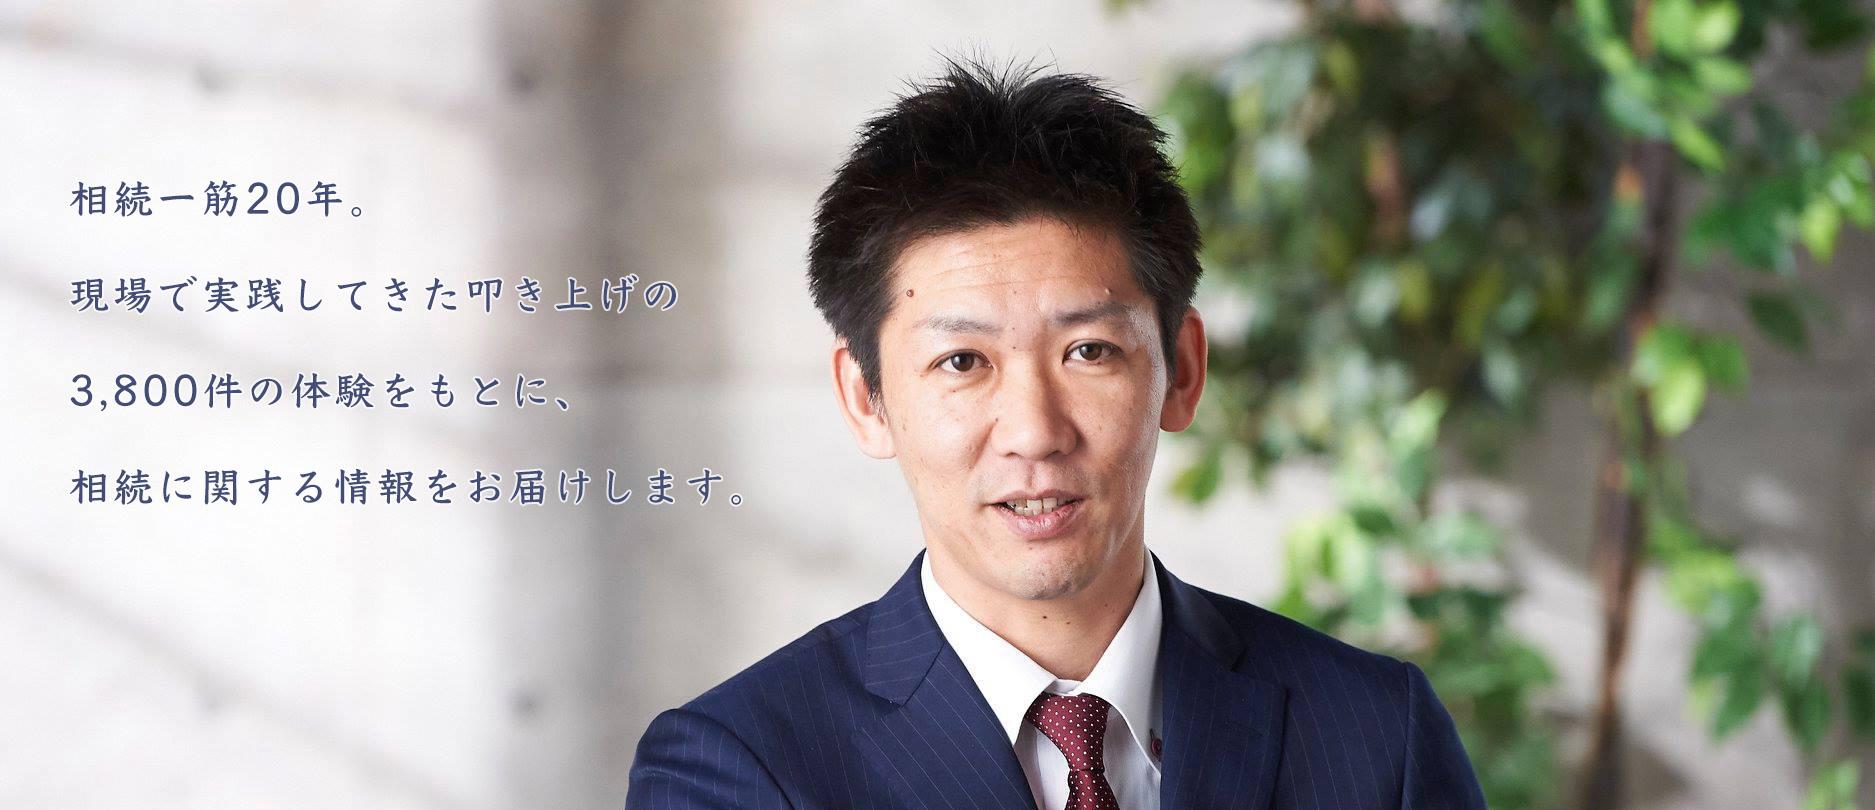 米田貴虎BLOG【公式】|3,800件の相続相談の実績、相続や終活の講演多数